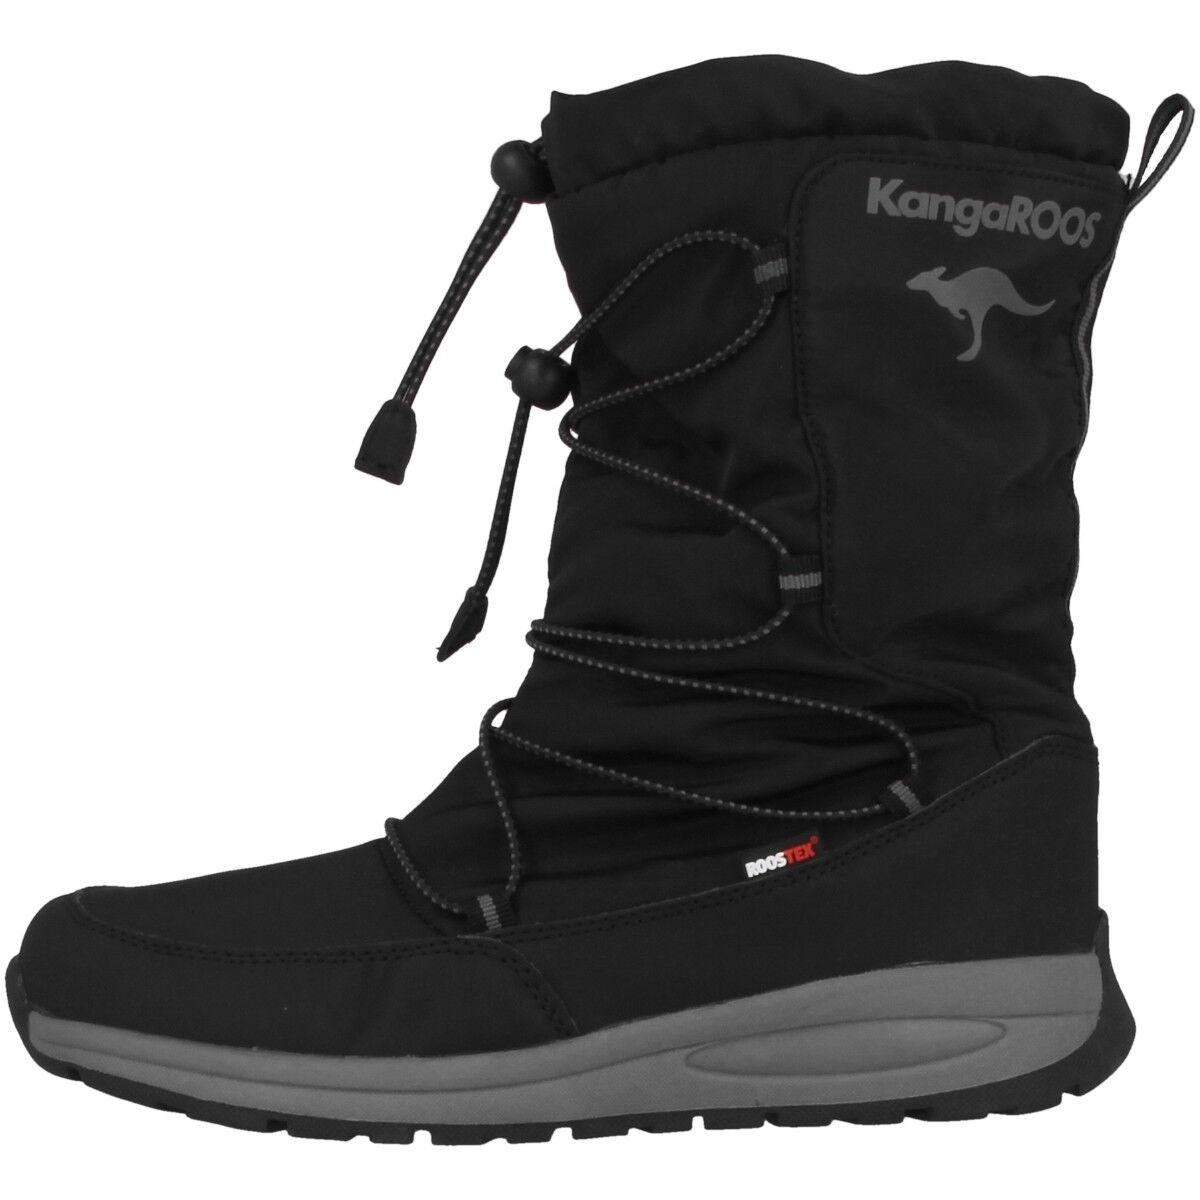 Kangaroos K-Flake RTX Chaussures bottes Bottes Bottines Bottes D'hiver 18285-5003